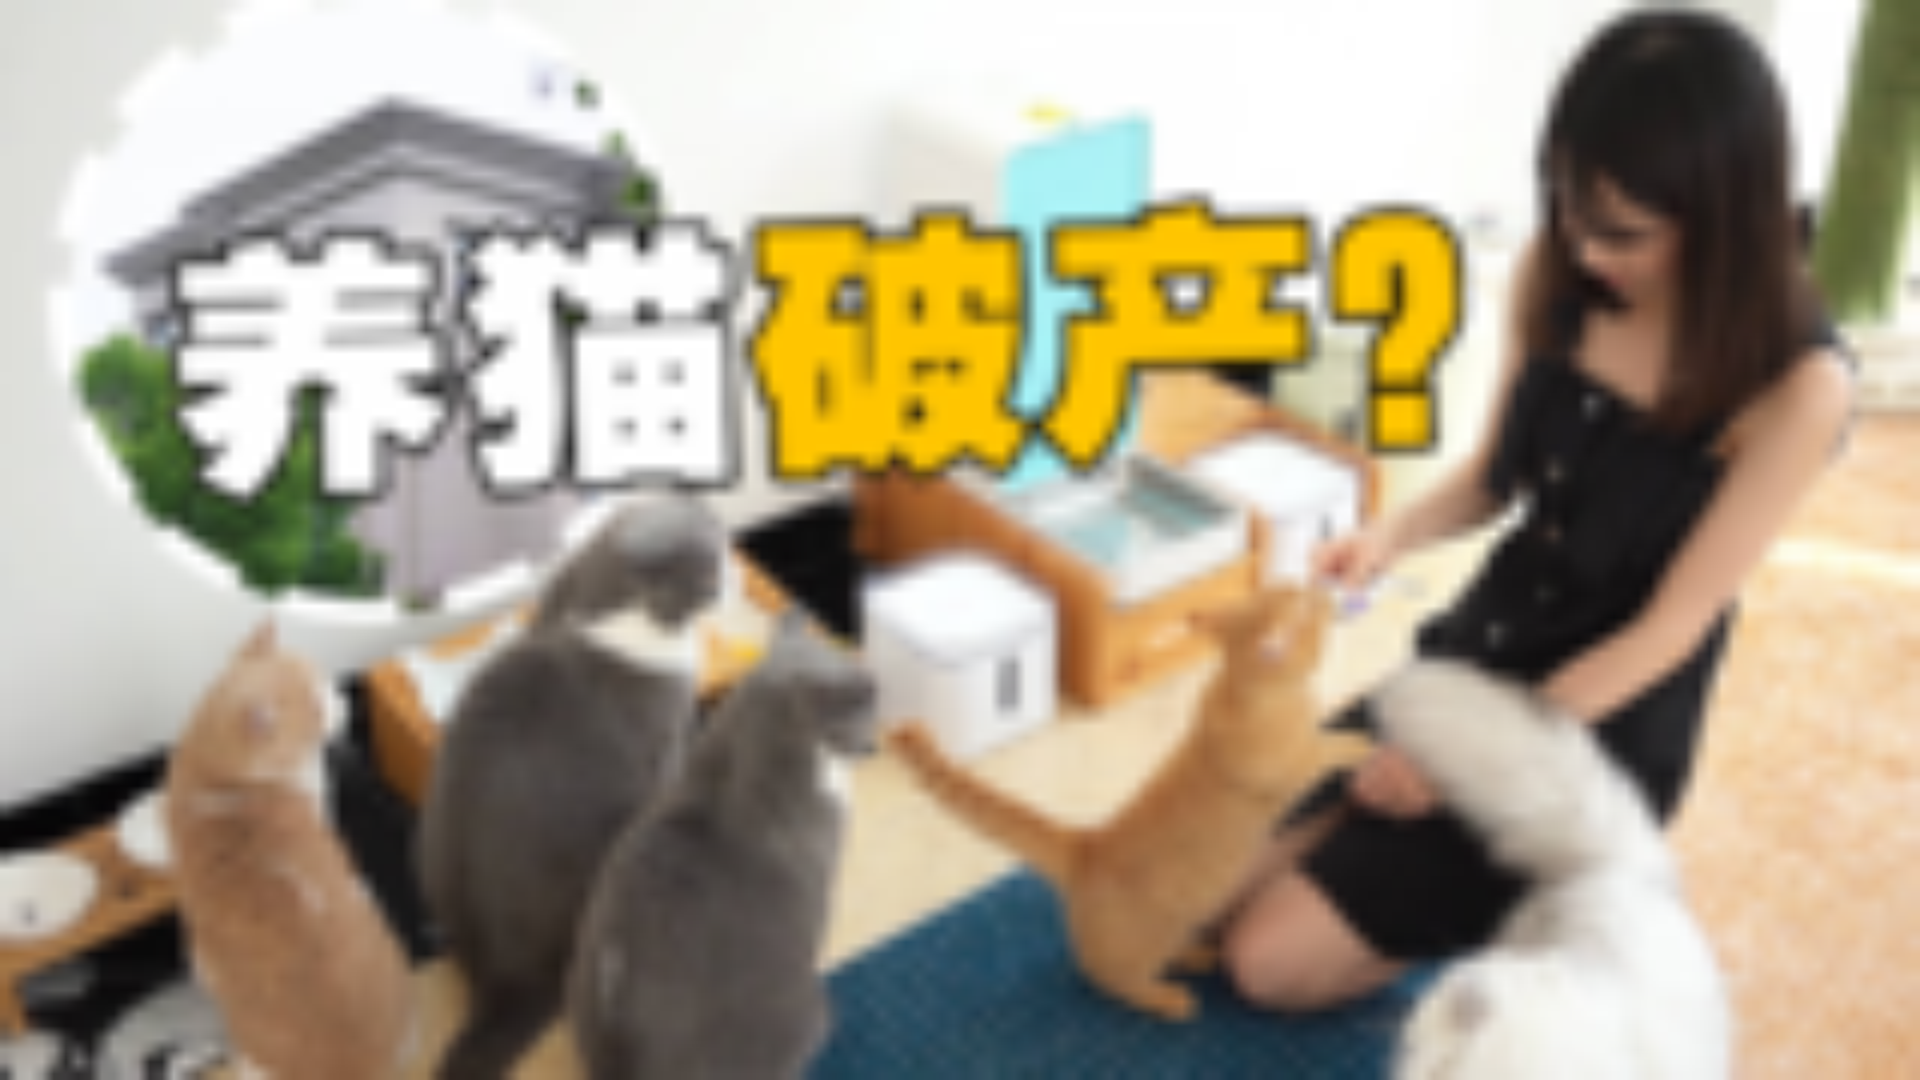 女子养五只猫导致破产,搬离豪宅?幕后故事大揭秘